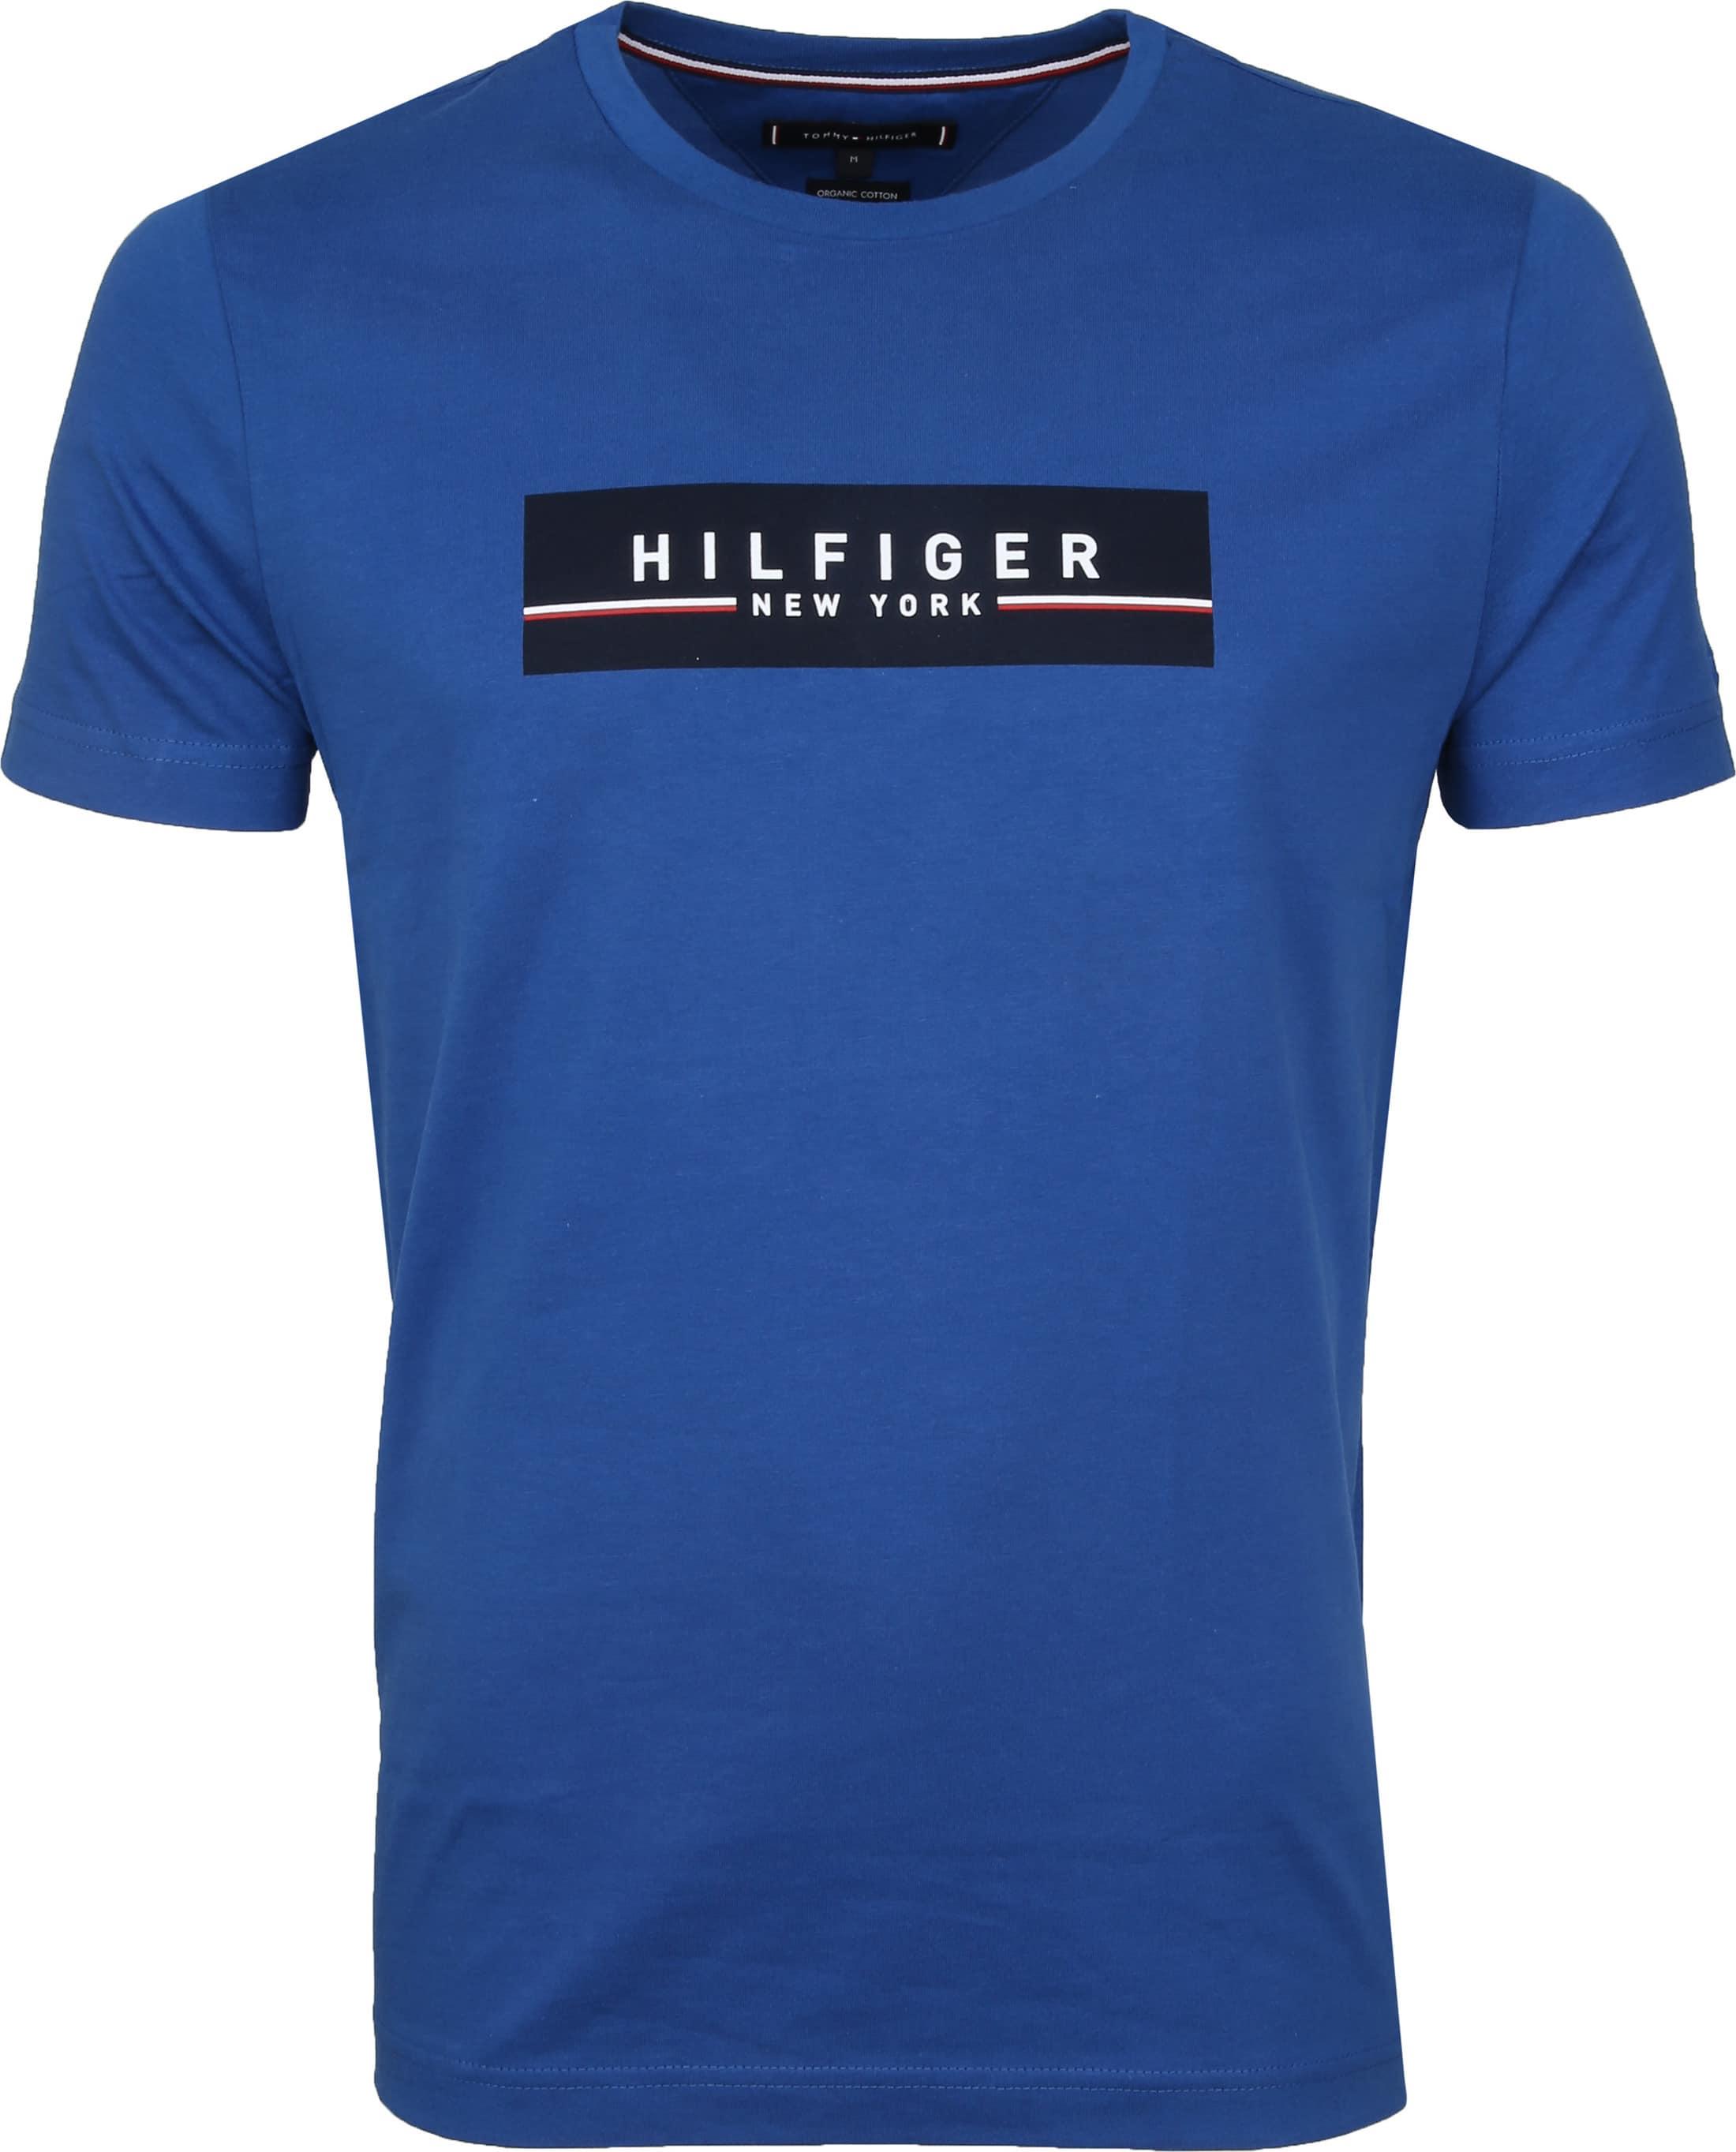 Tommy Hilfiger T-shirt Box Print Blue foto 0